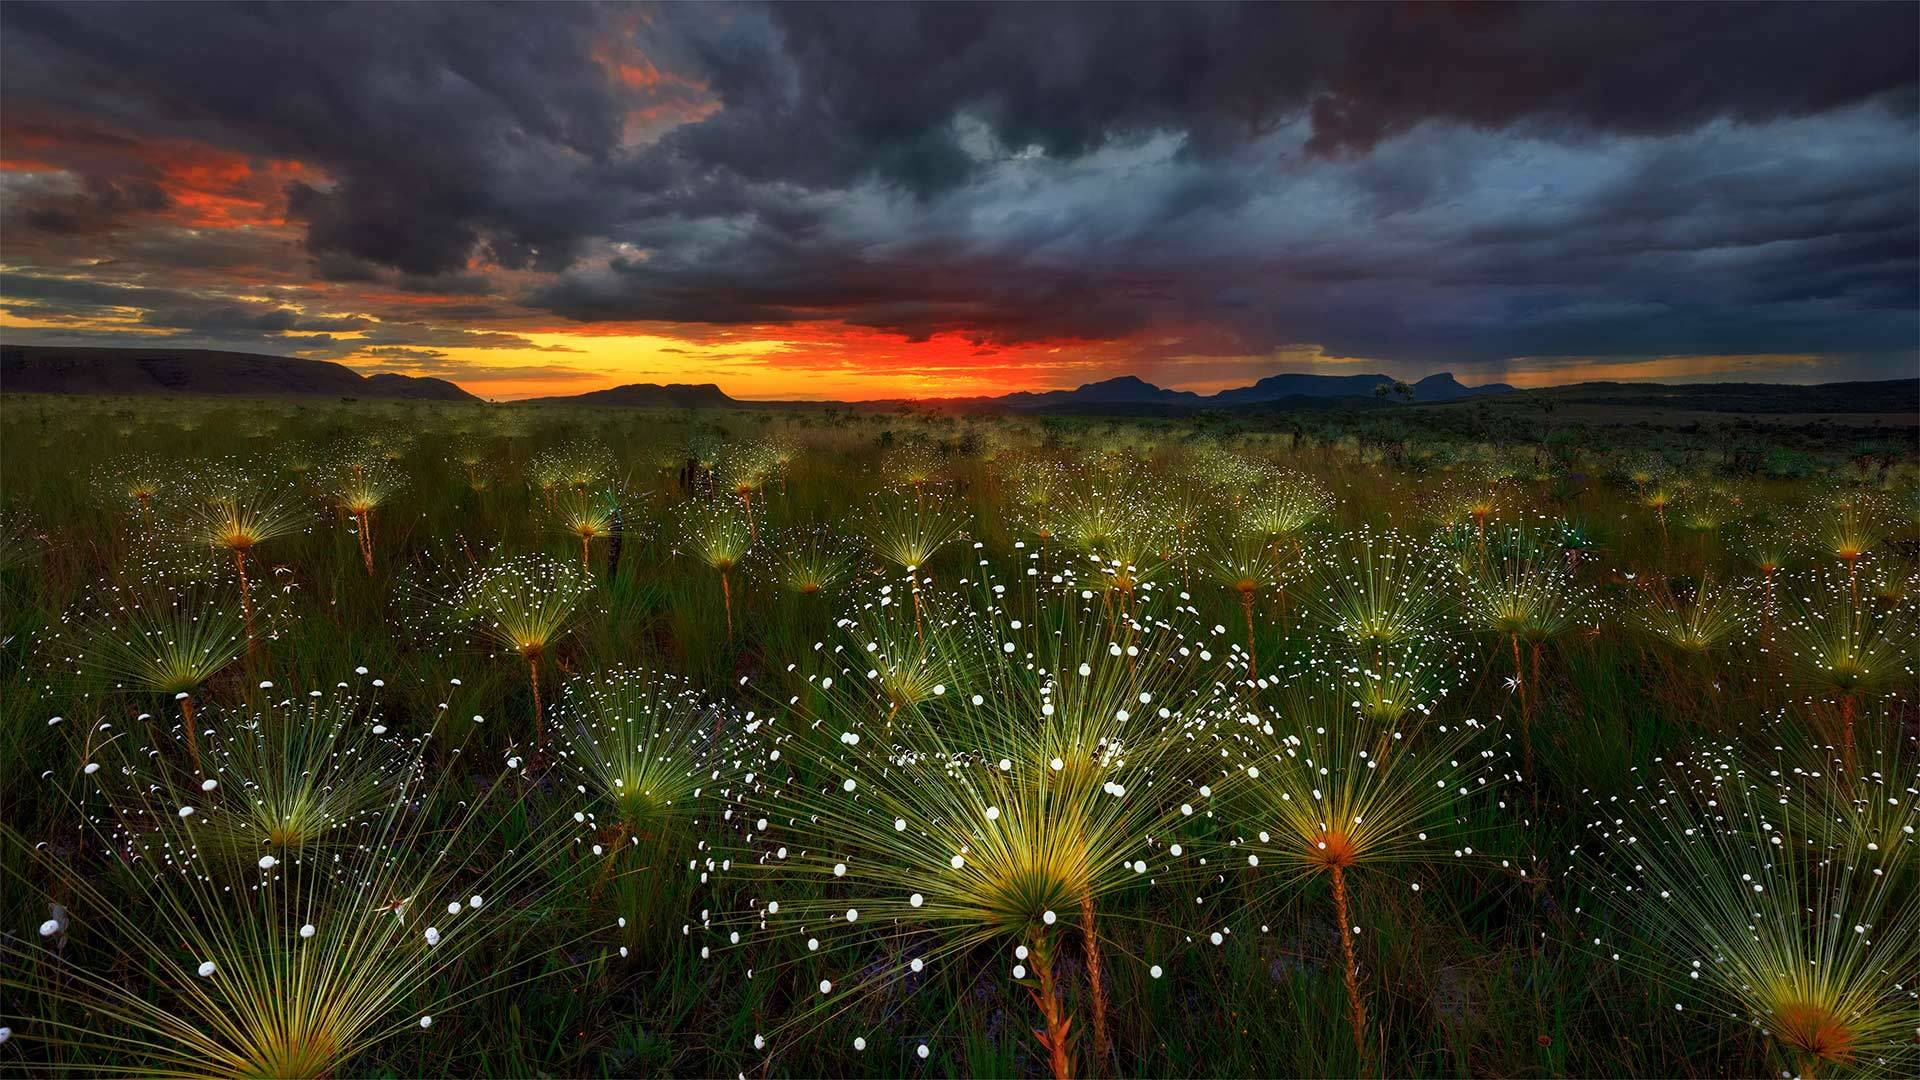 日落时的Paepalanthus花